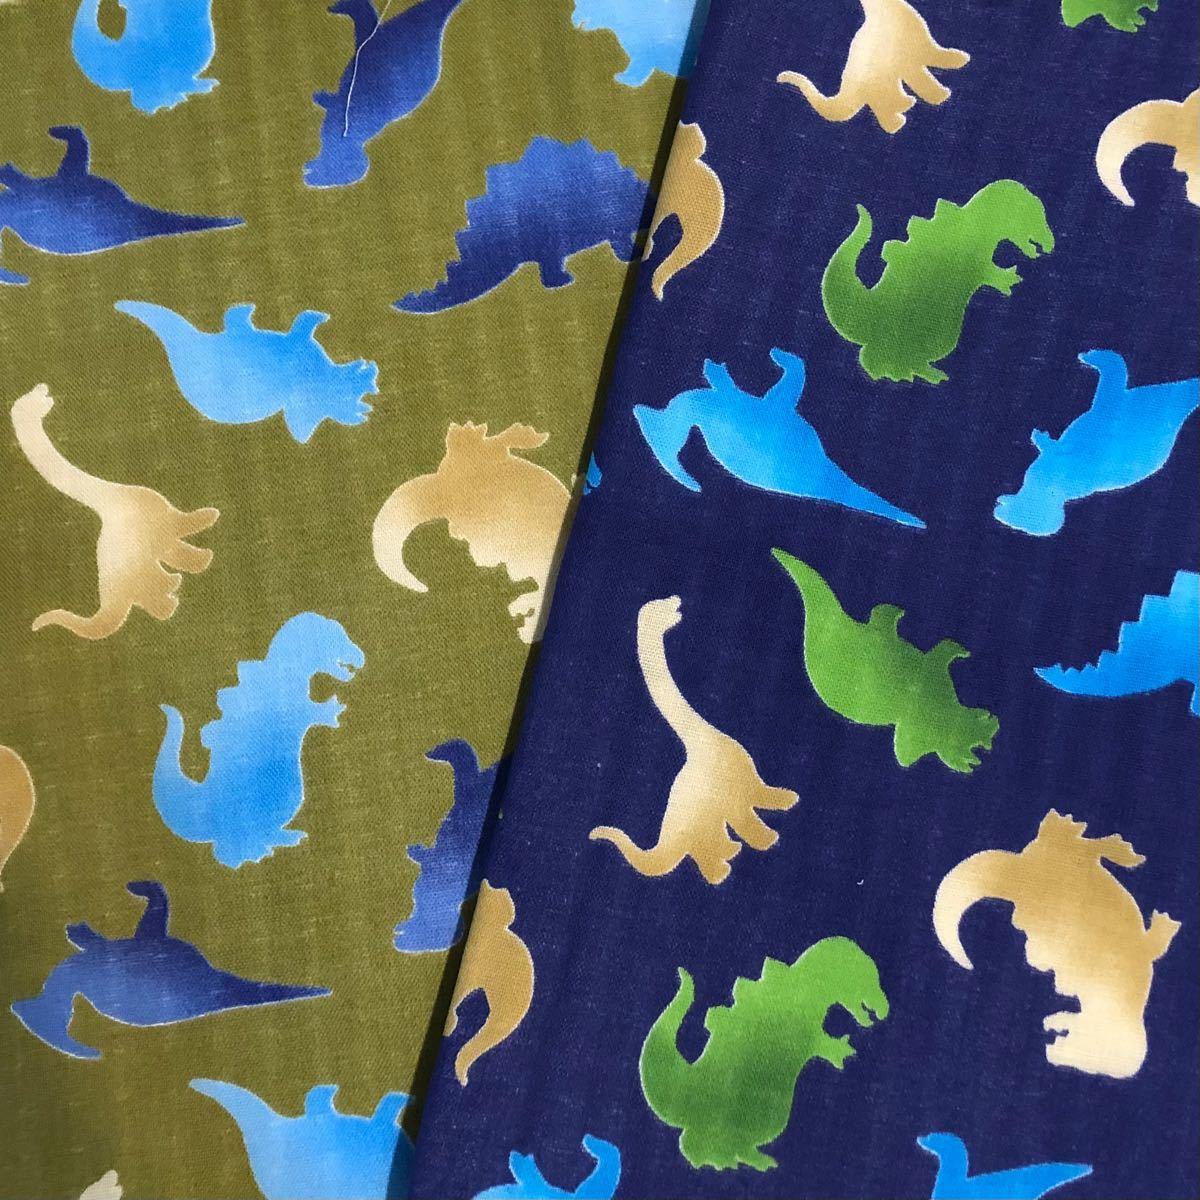 ダブルガーゼ生地 恐竜柄 2色セット